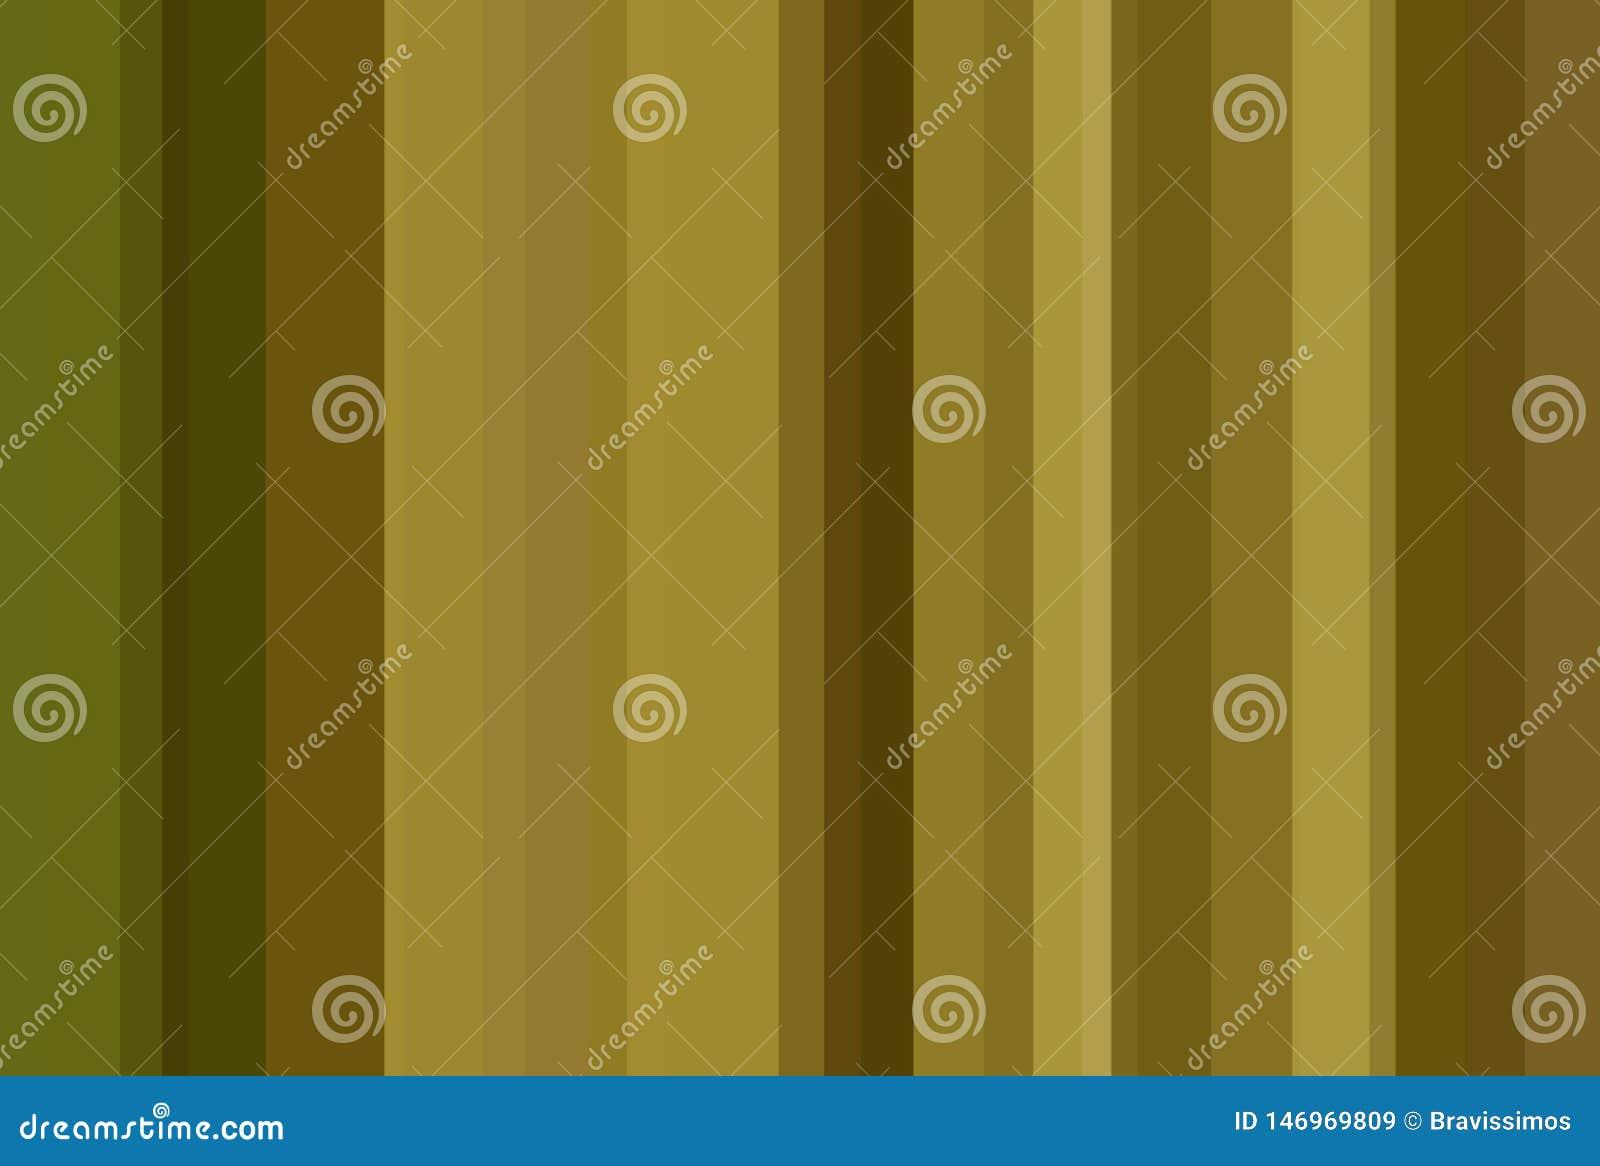 Красочная вертикальная линия предпосылка или безшовные striped обои, текстура фона